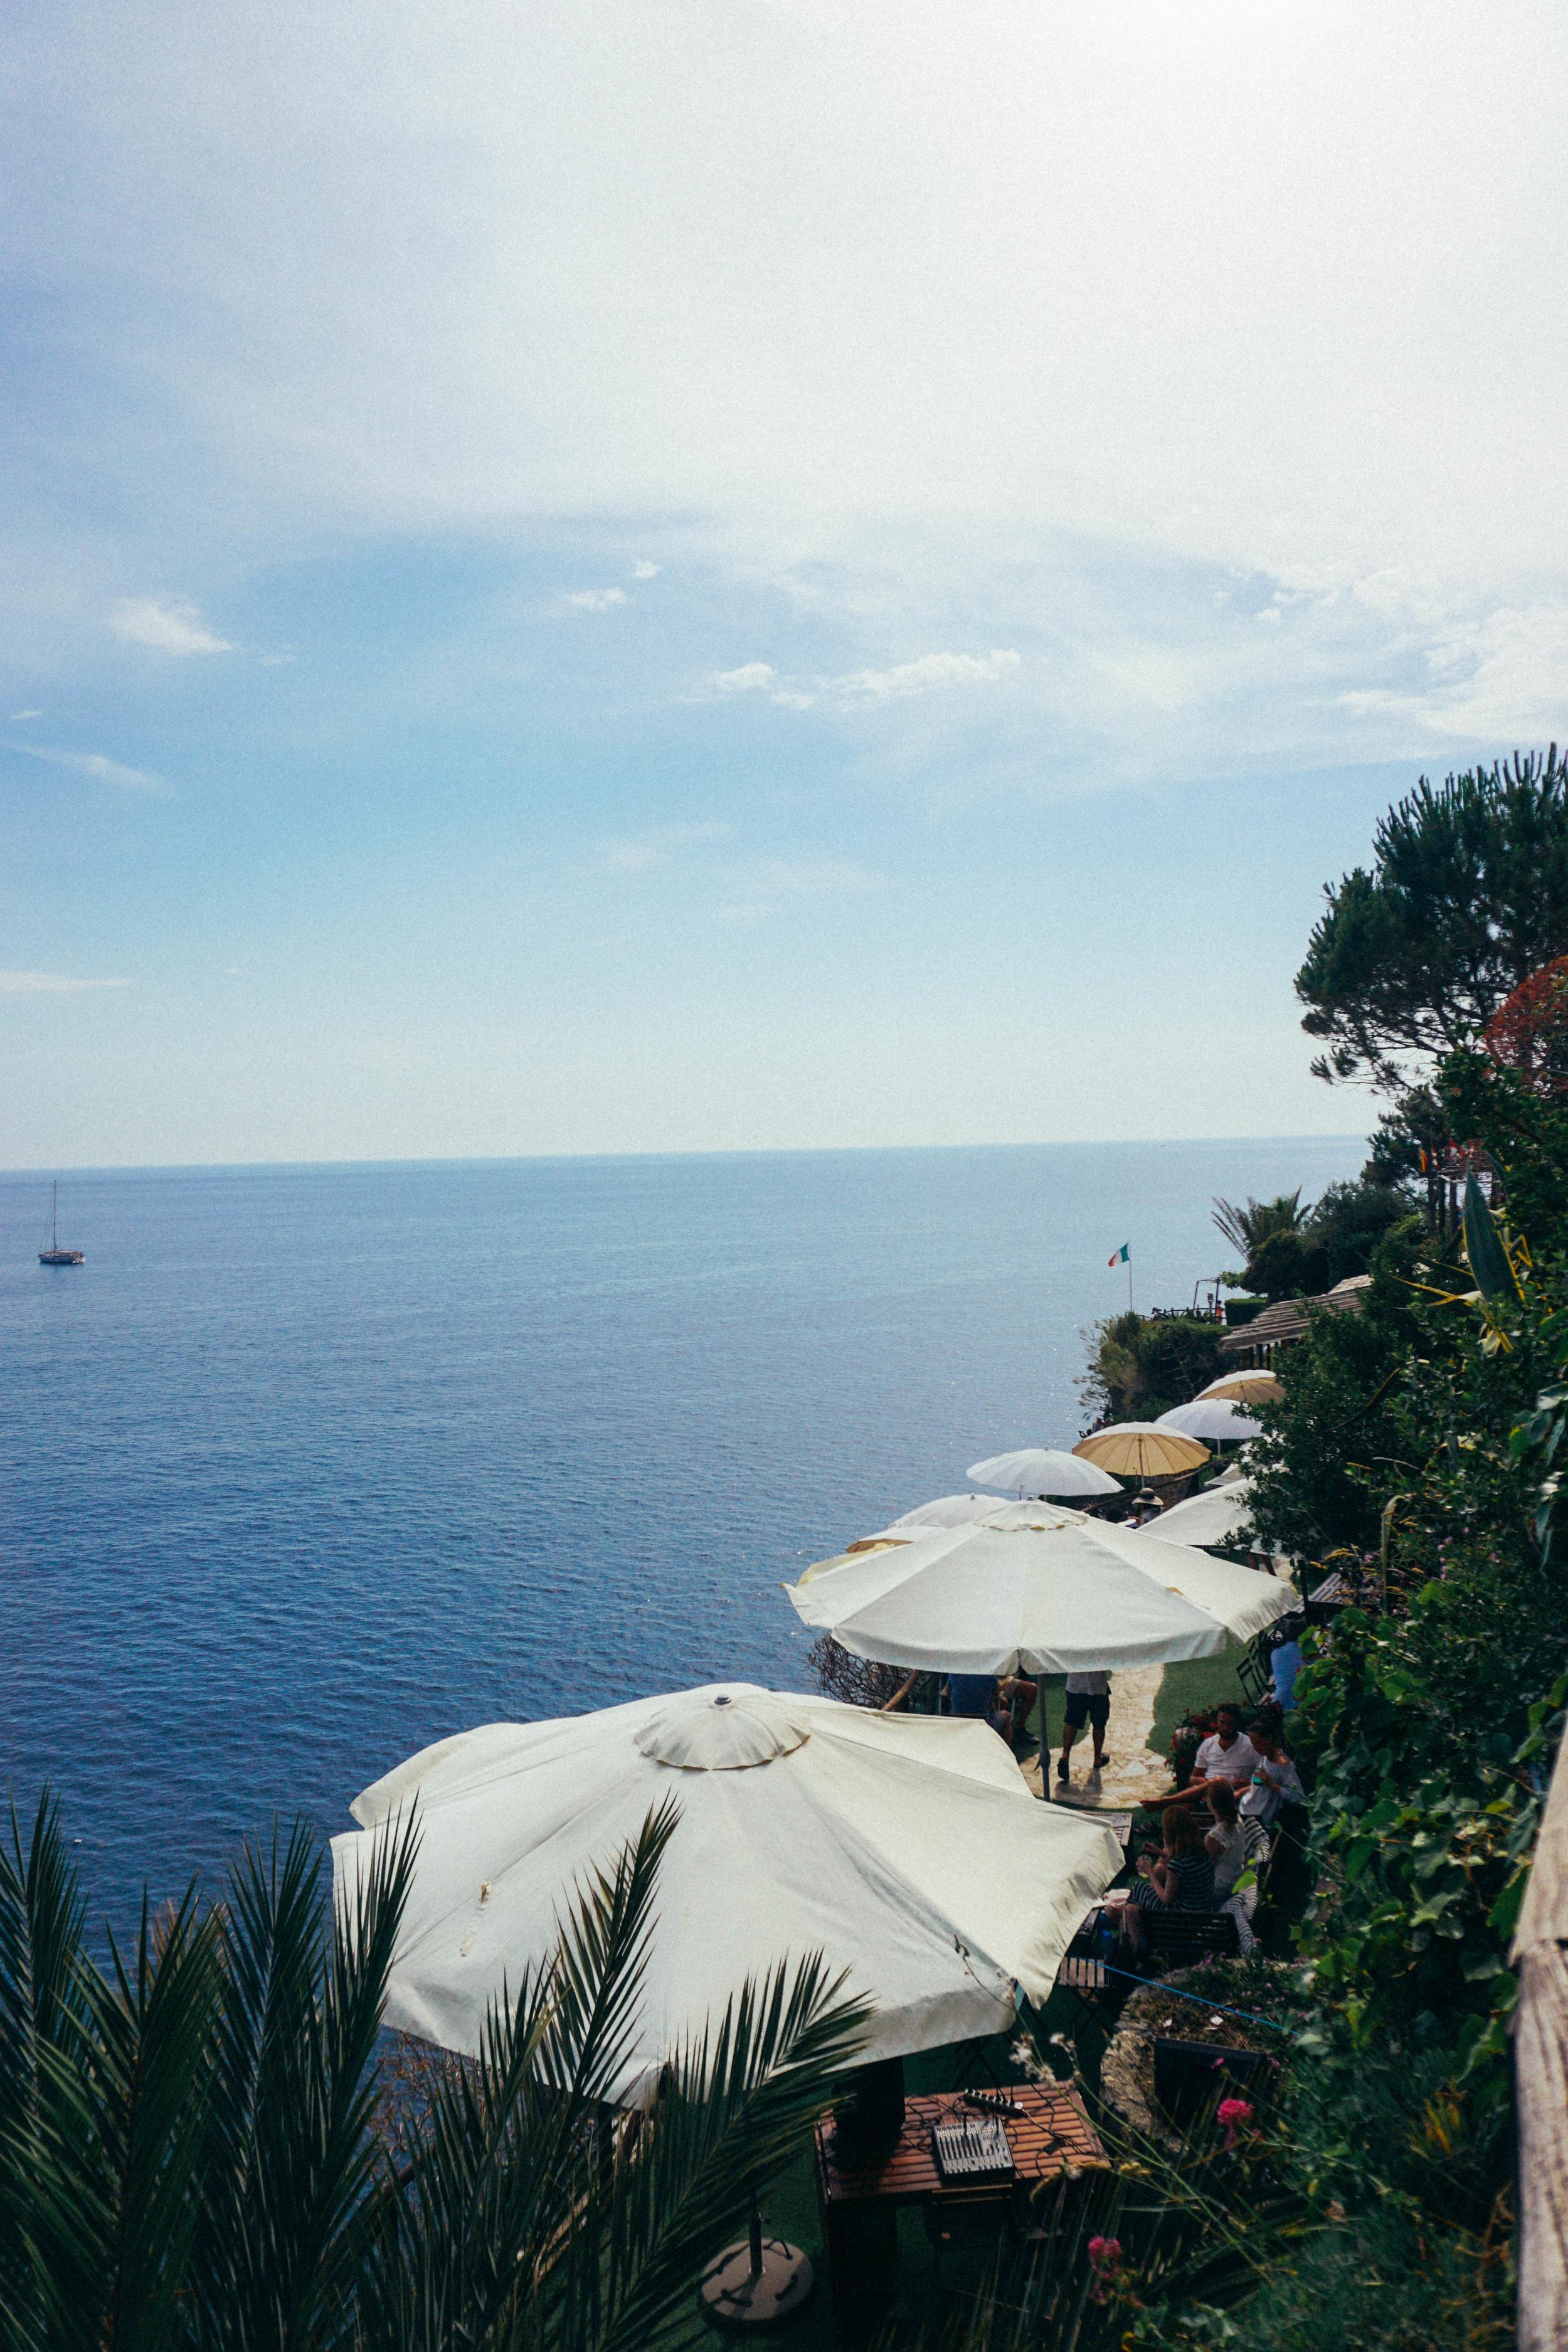 Things to do in Manarola, Cinque Terre